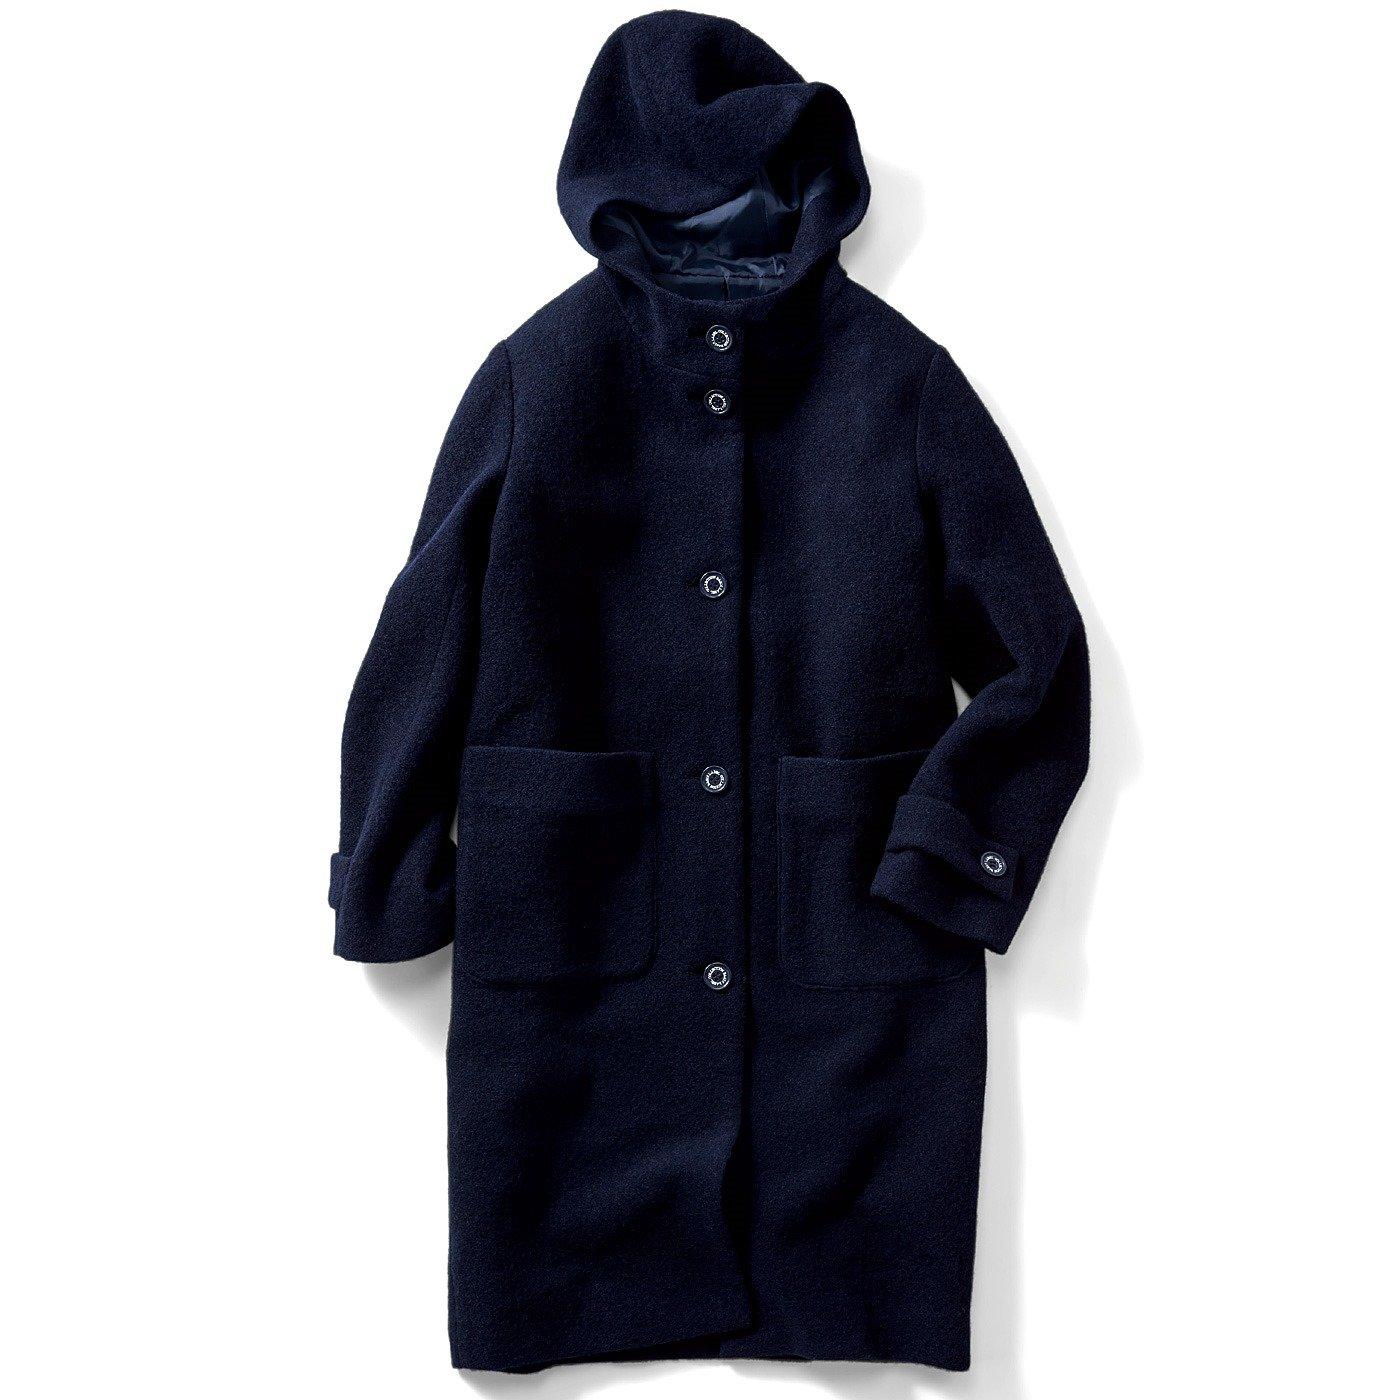 IEDIT ウールがたっぷり入って軽くて暖か スライバーニット素材のきちんと見えすっきりコート〈ネイビー〉